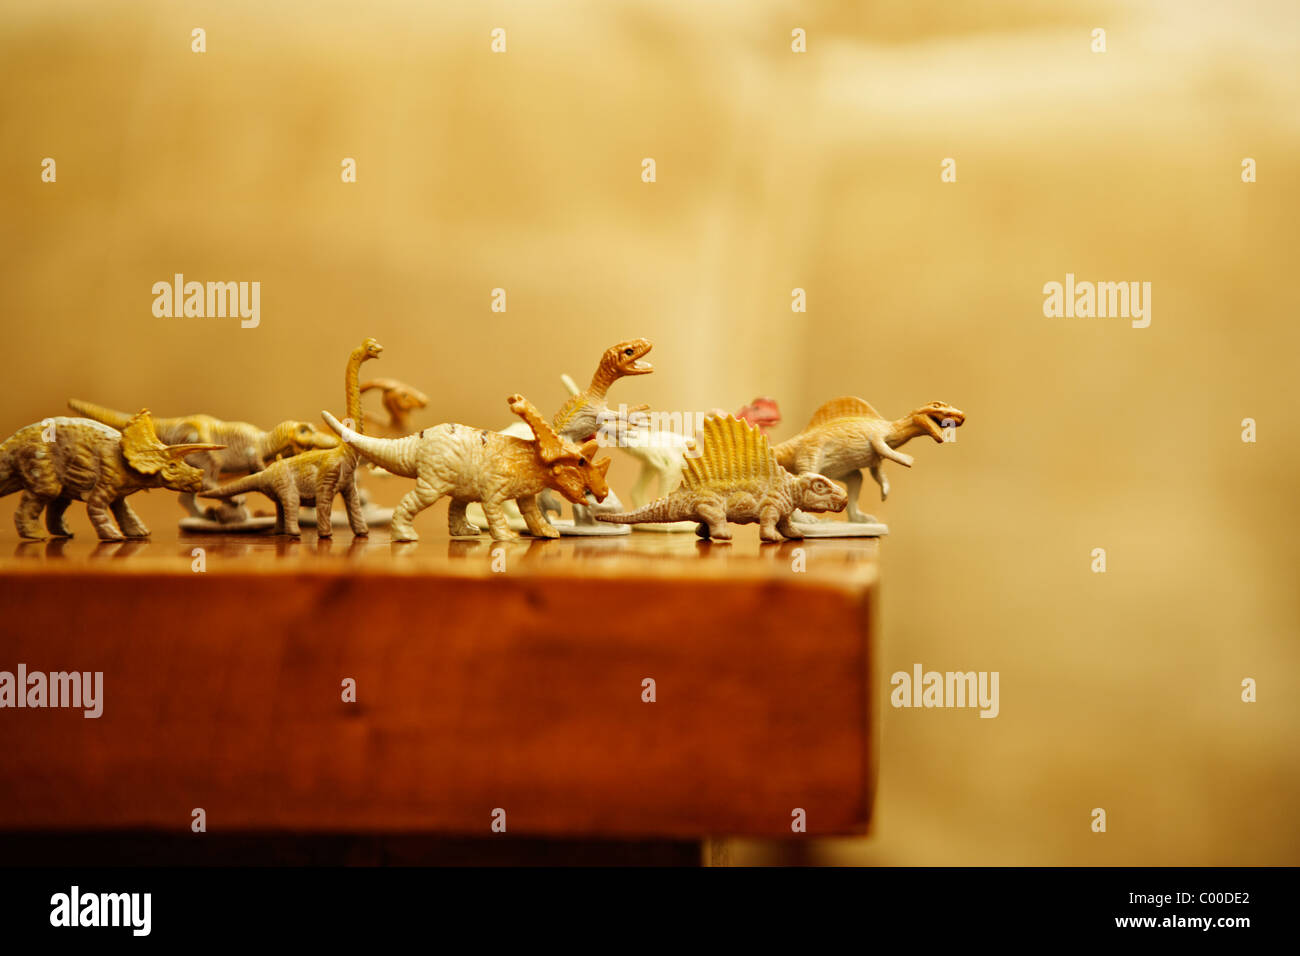 Dinosaures jouets se précipiter le rebord d'une table Banque D'Images